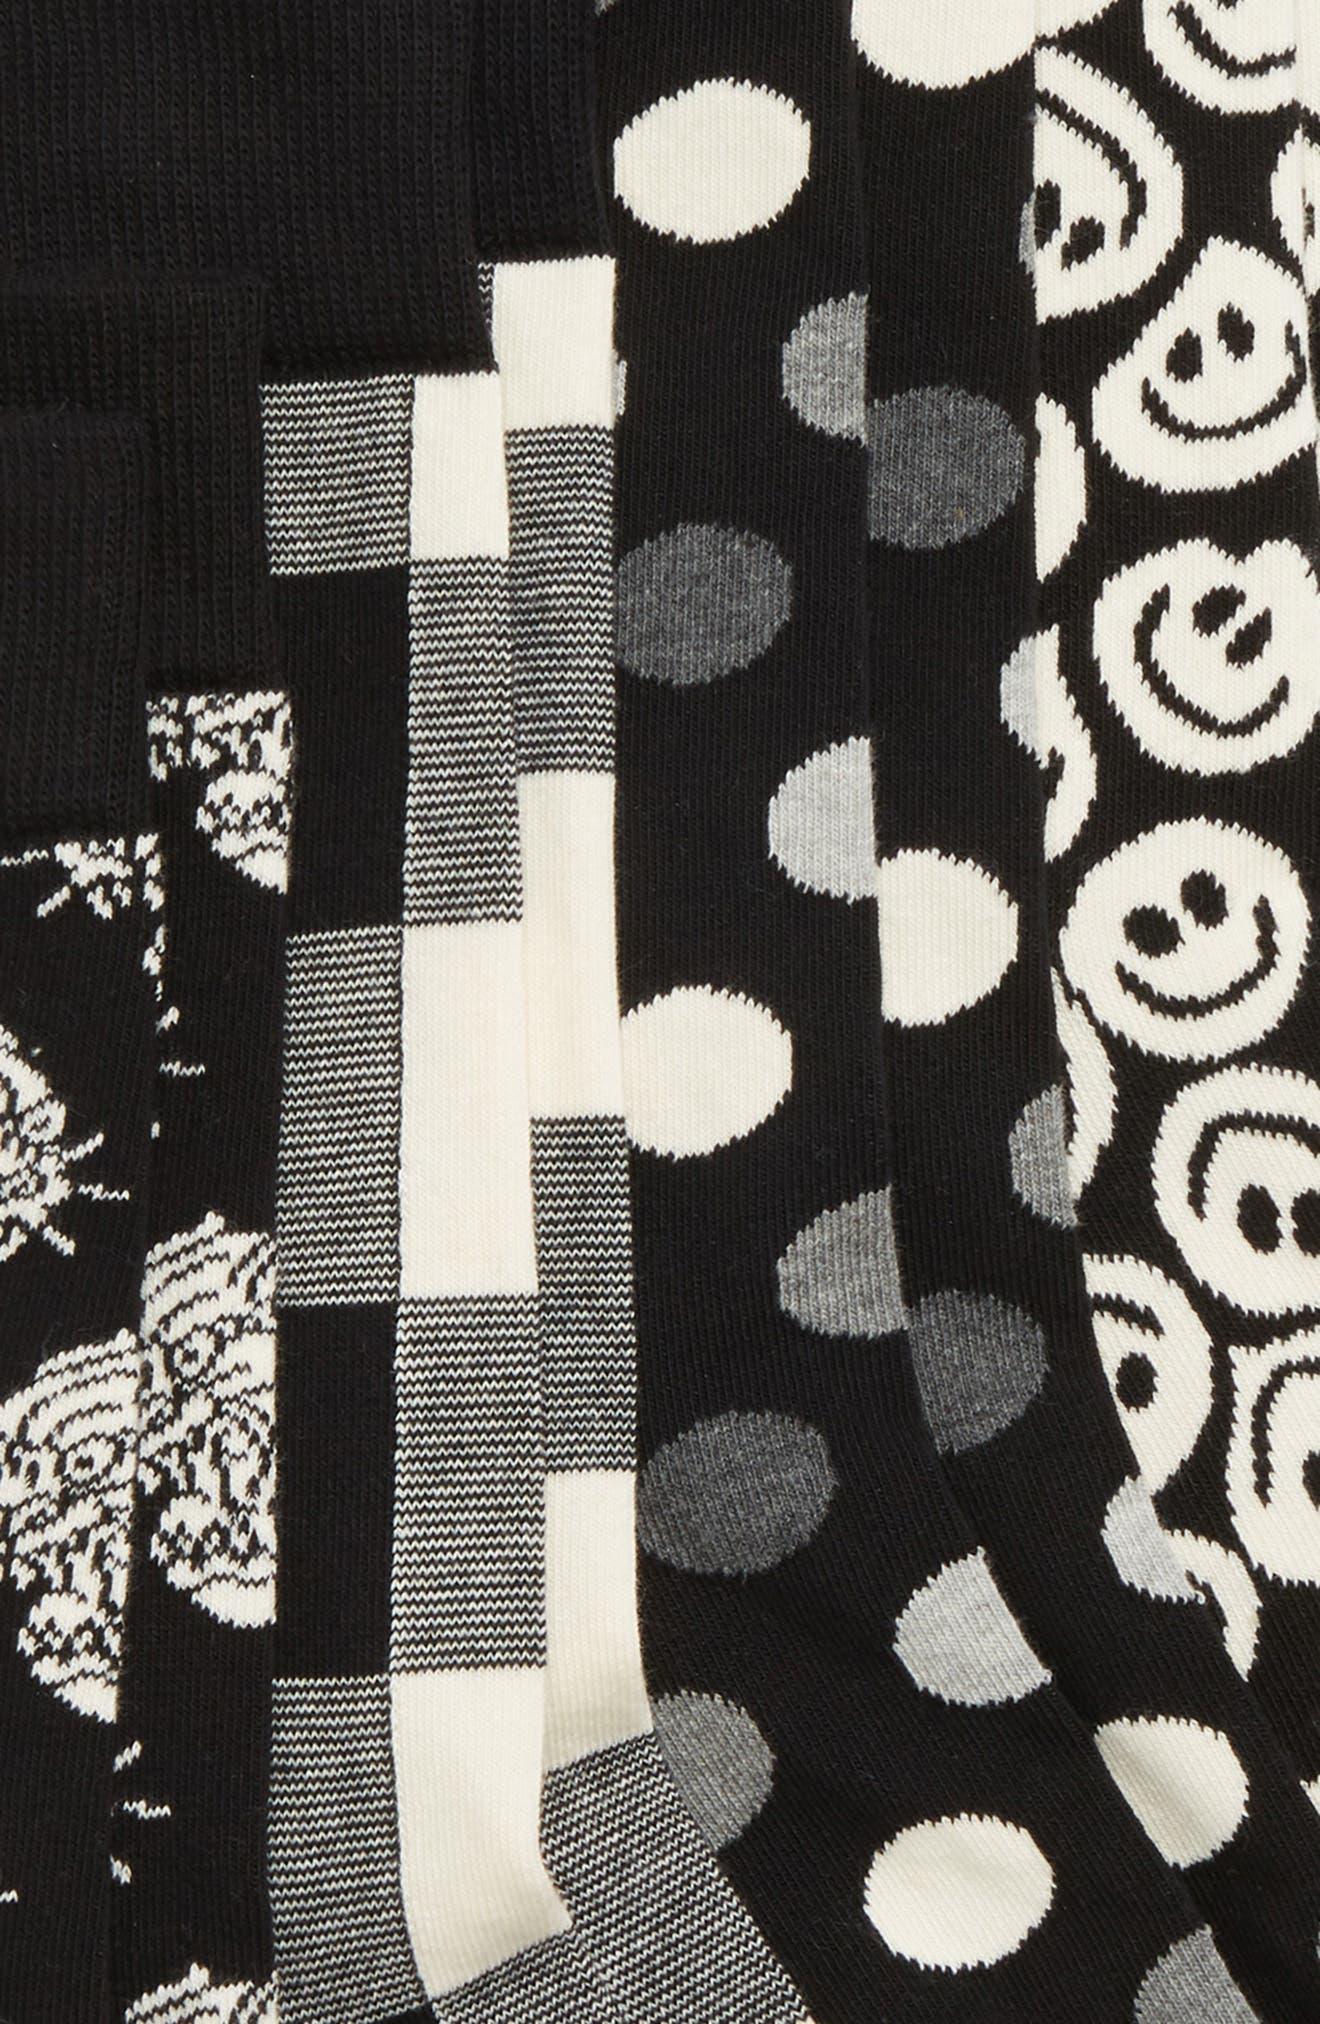 Black & White 4-Pack Box Set Socks,                             Main thumbnail 1, color,                             BLACK/ WHITE